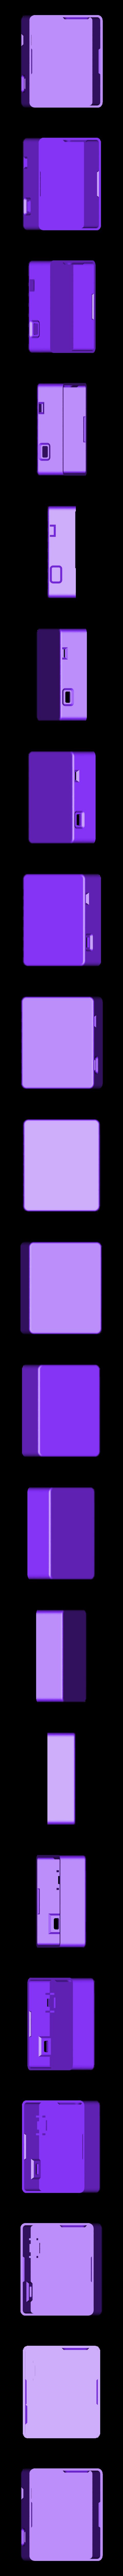 feather-tft-case.stl Télécharger fichier STL gratuit Hydro Dipping Prints • Modèle pour imprimante 3D, Adafruit